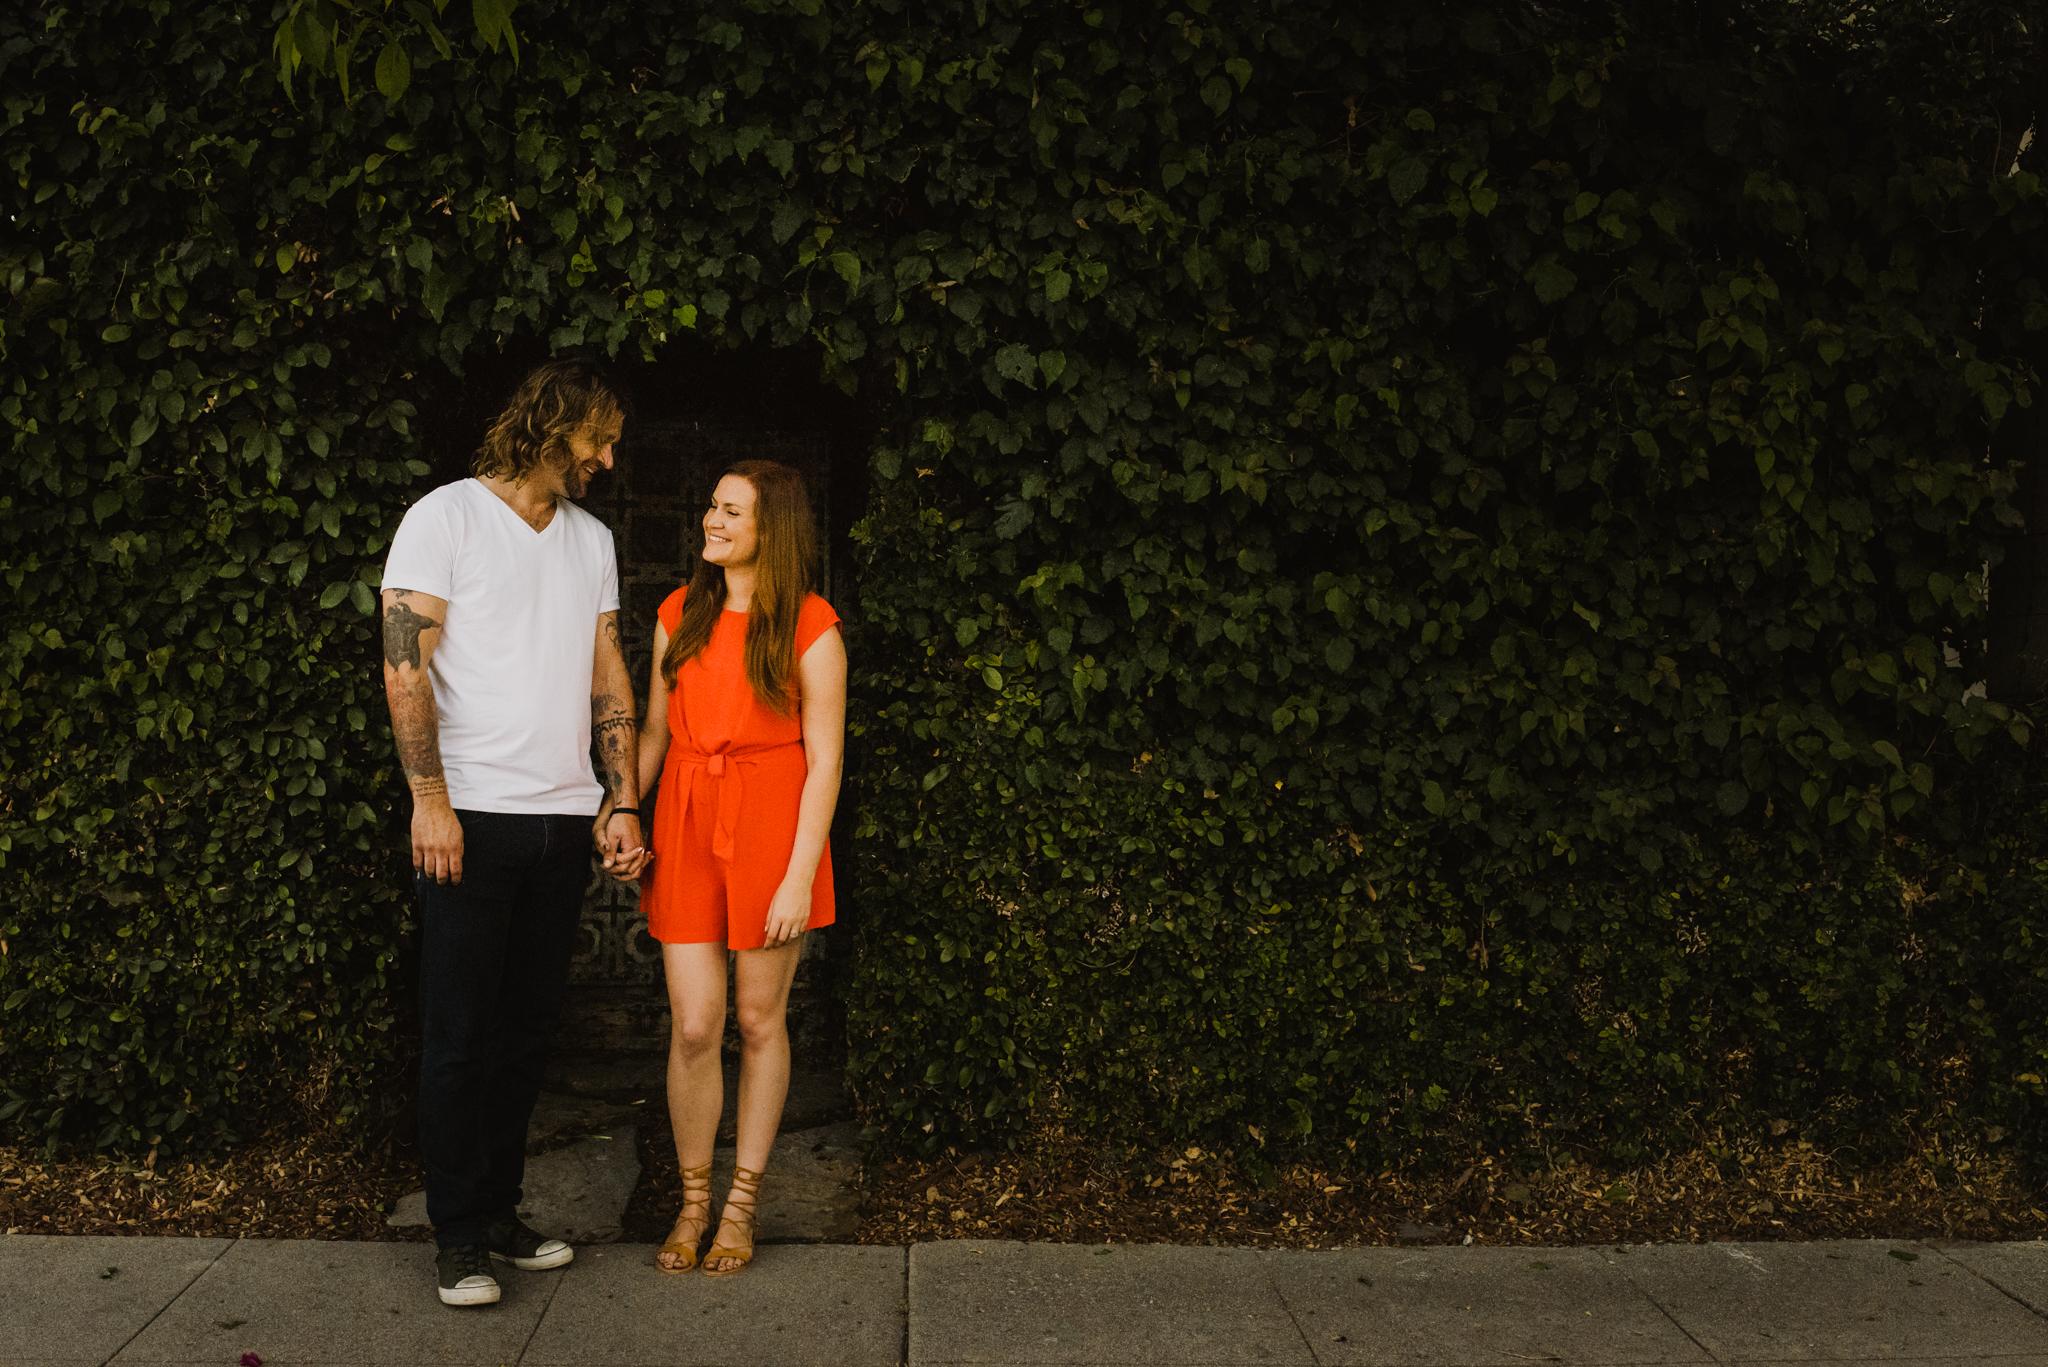 ©Isaiah & Taylor Photography  - Los Angeles Wedding Photographer - Venice Beach-22.jpg